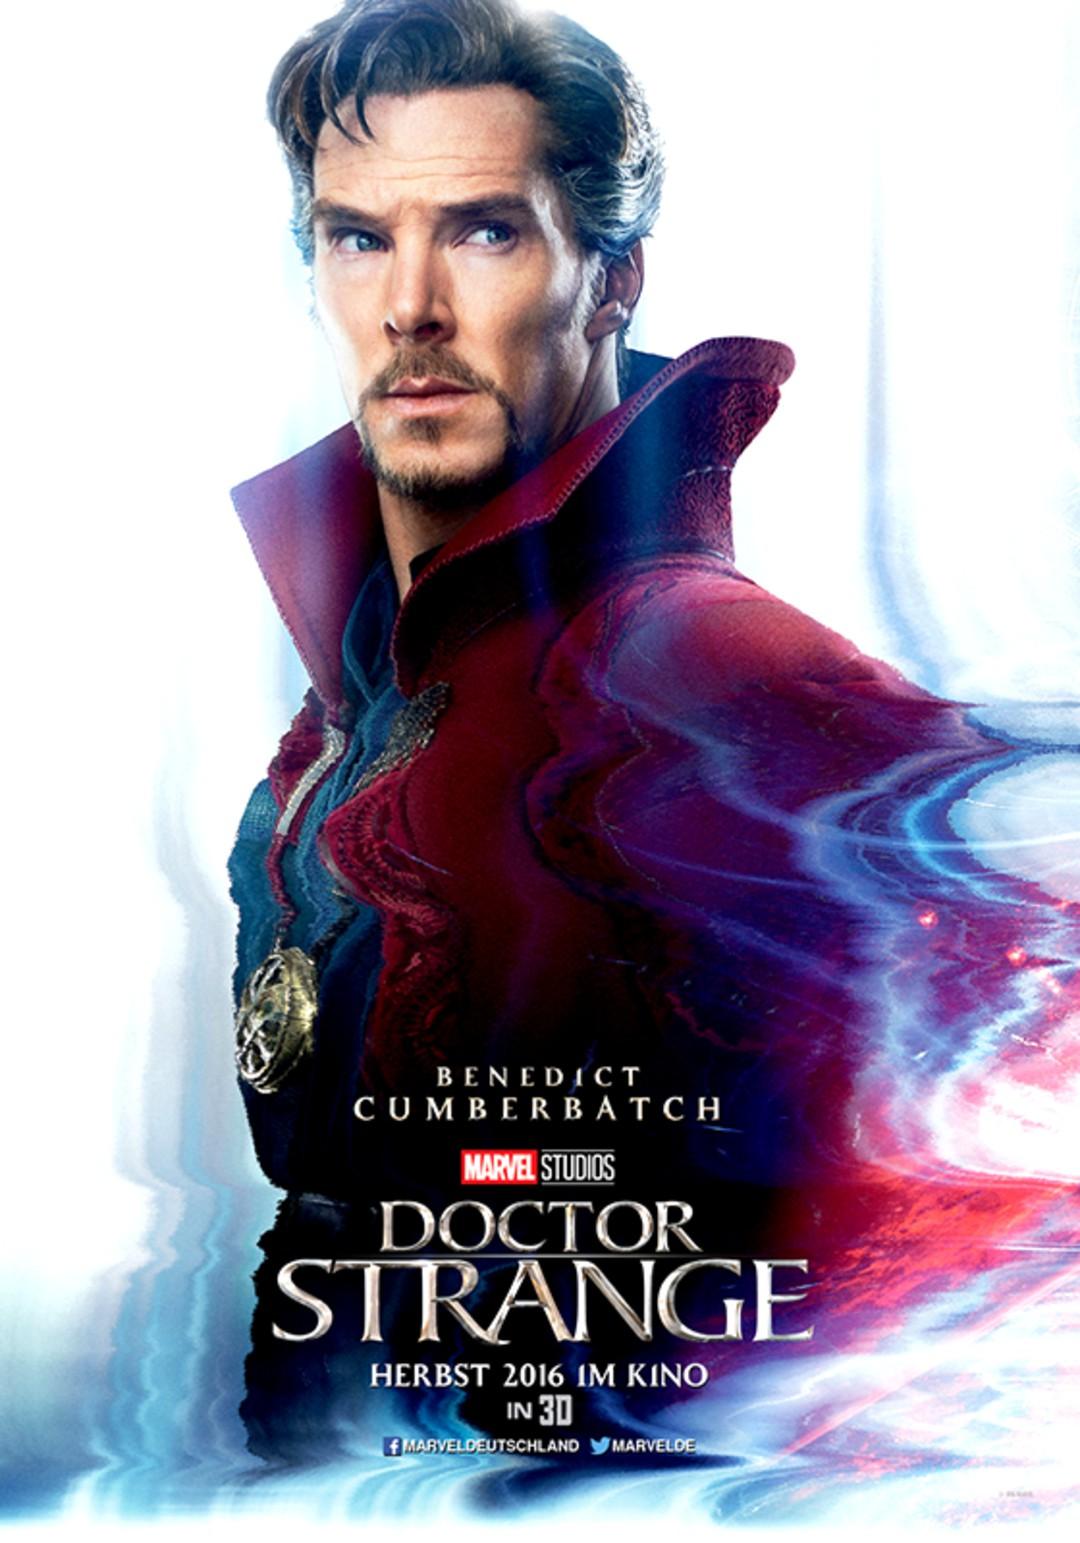 Die Welt des Doctor Strange - Bild 1 von 7